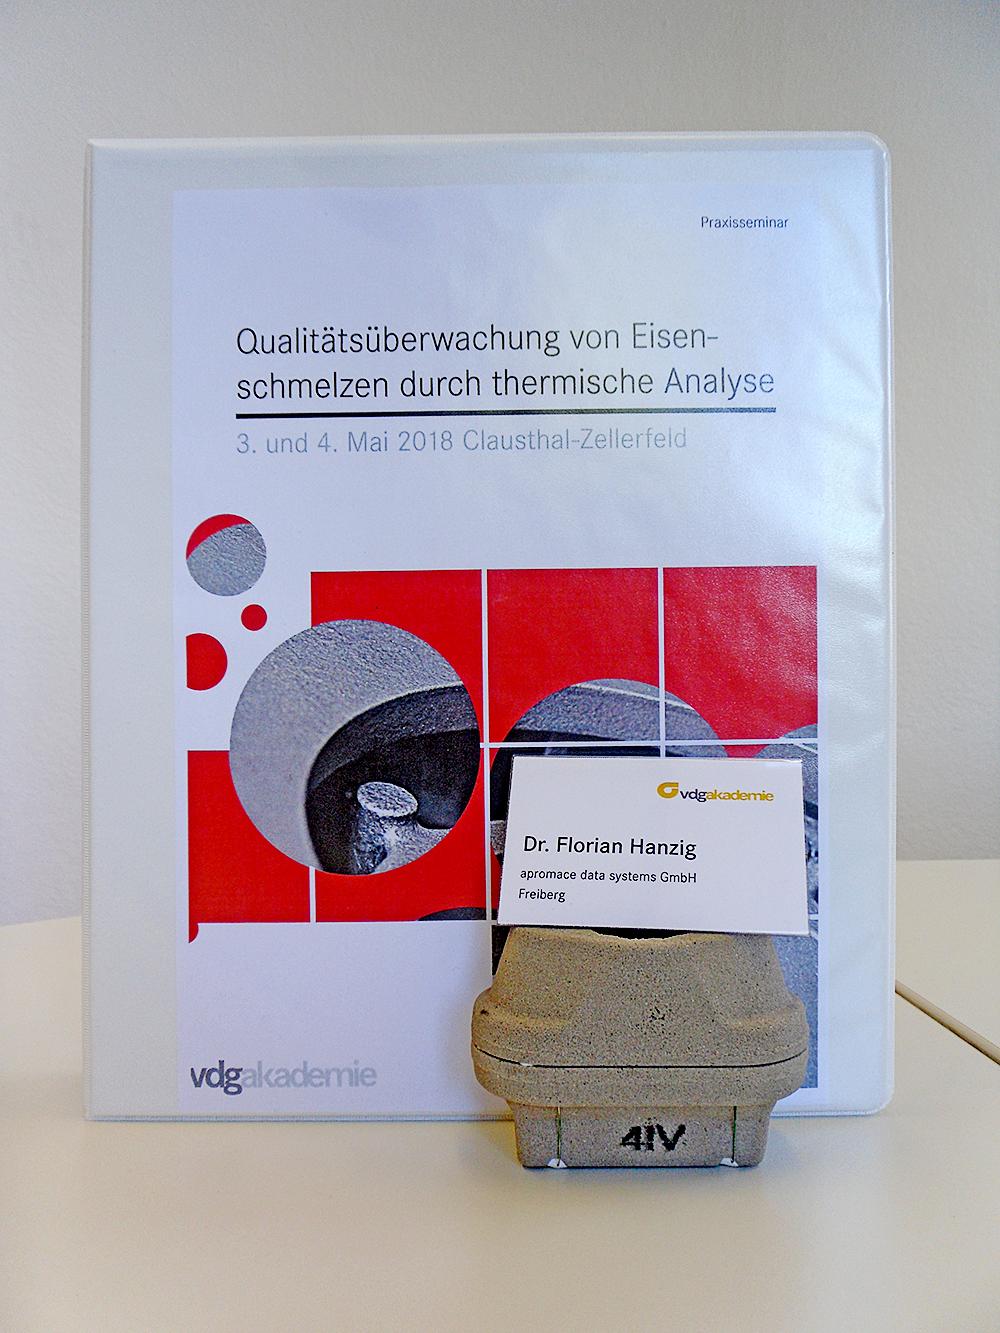 Vortrag zum Praxisseminar zur thermischen Analyse (Foto: F. Hanzig | apromace data systems GmbH)